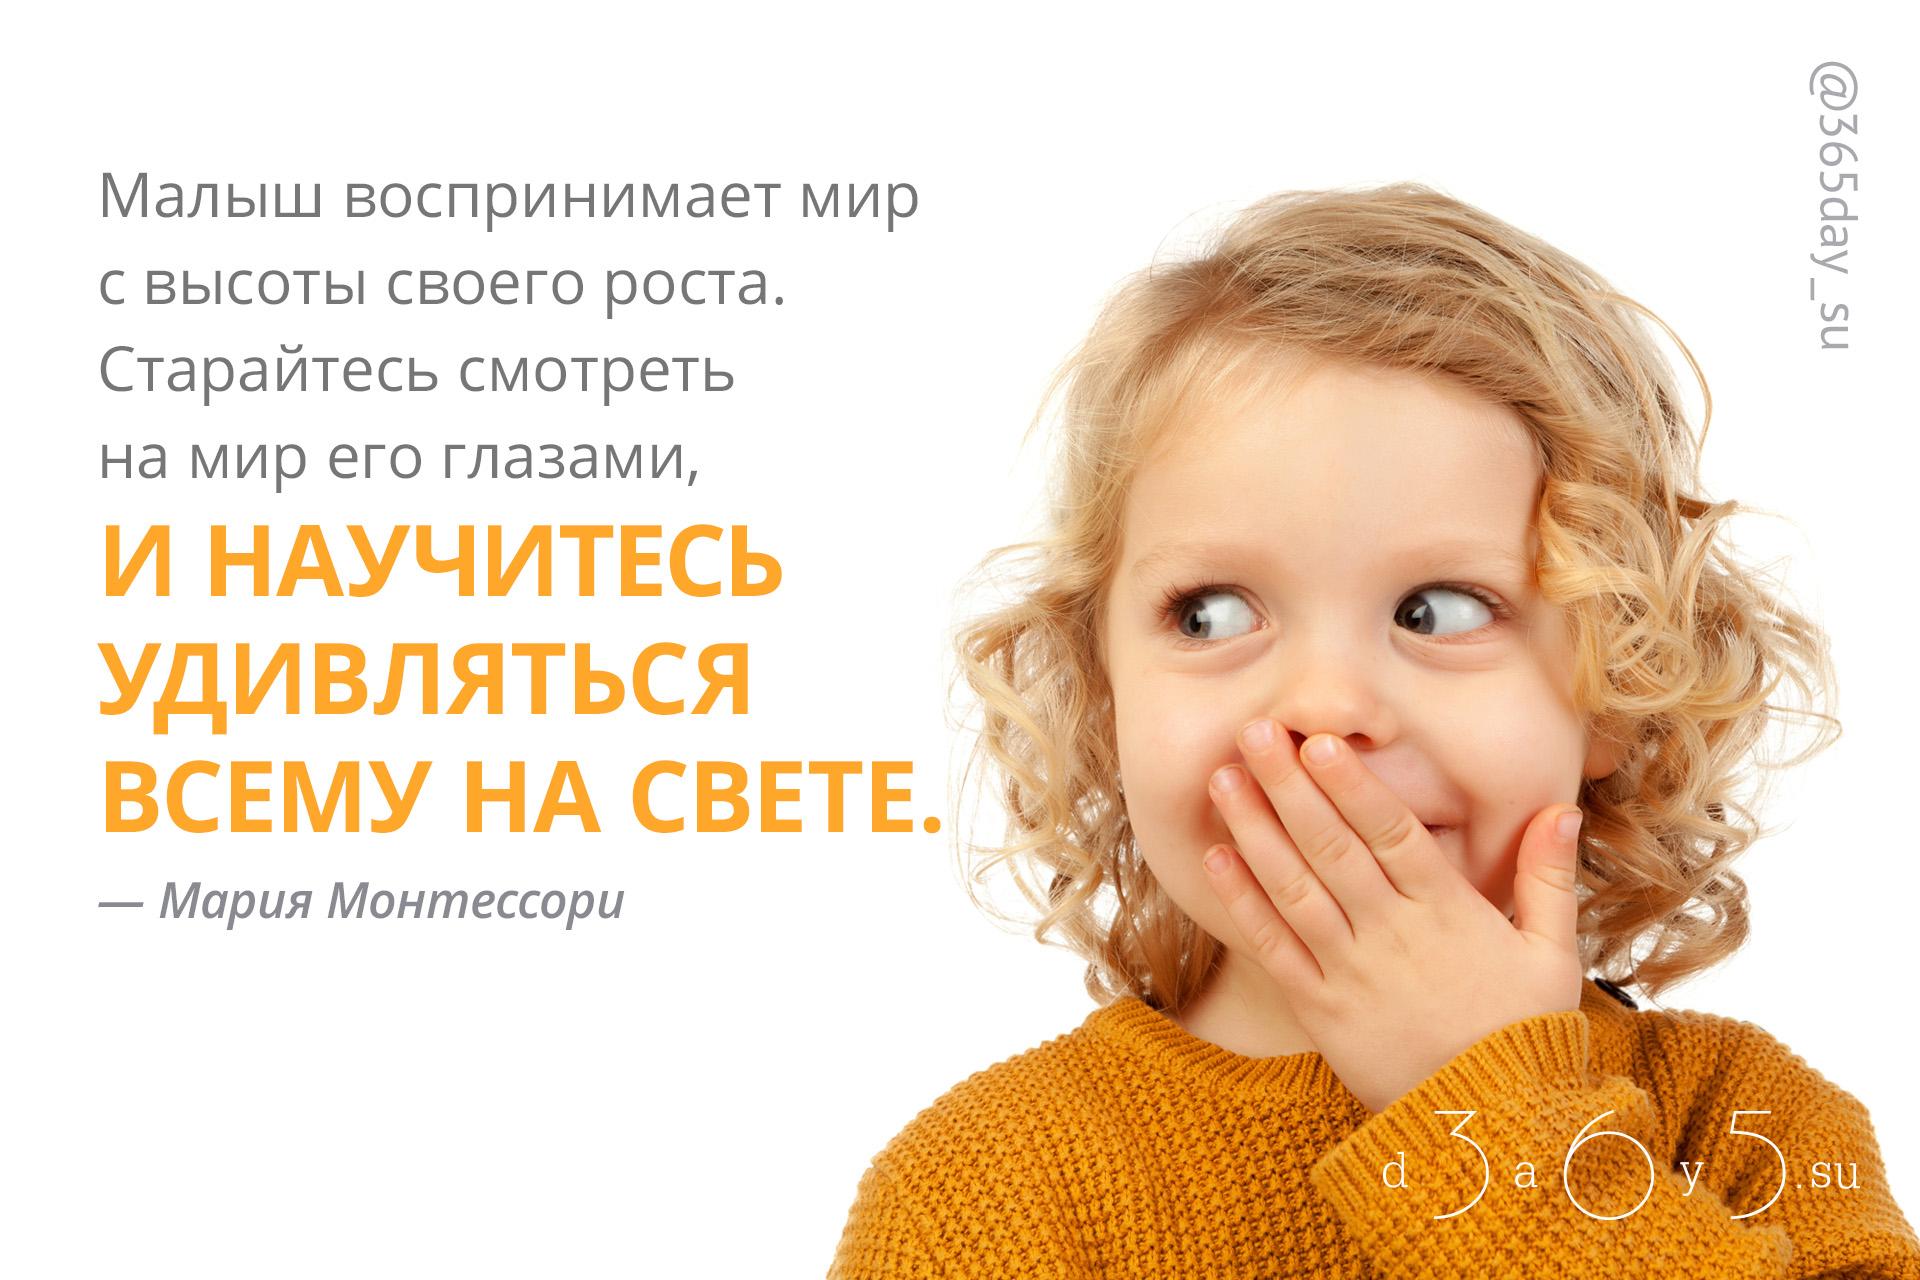 Красивые картинки с фразами о детях